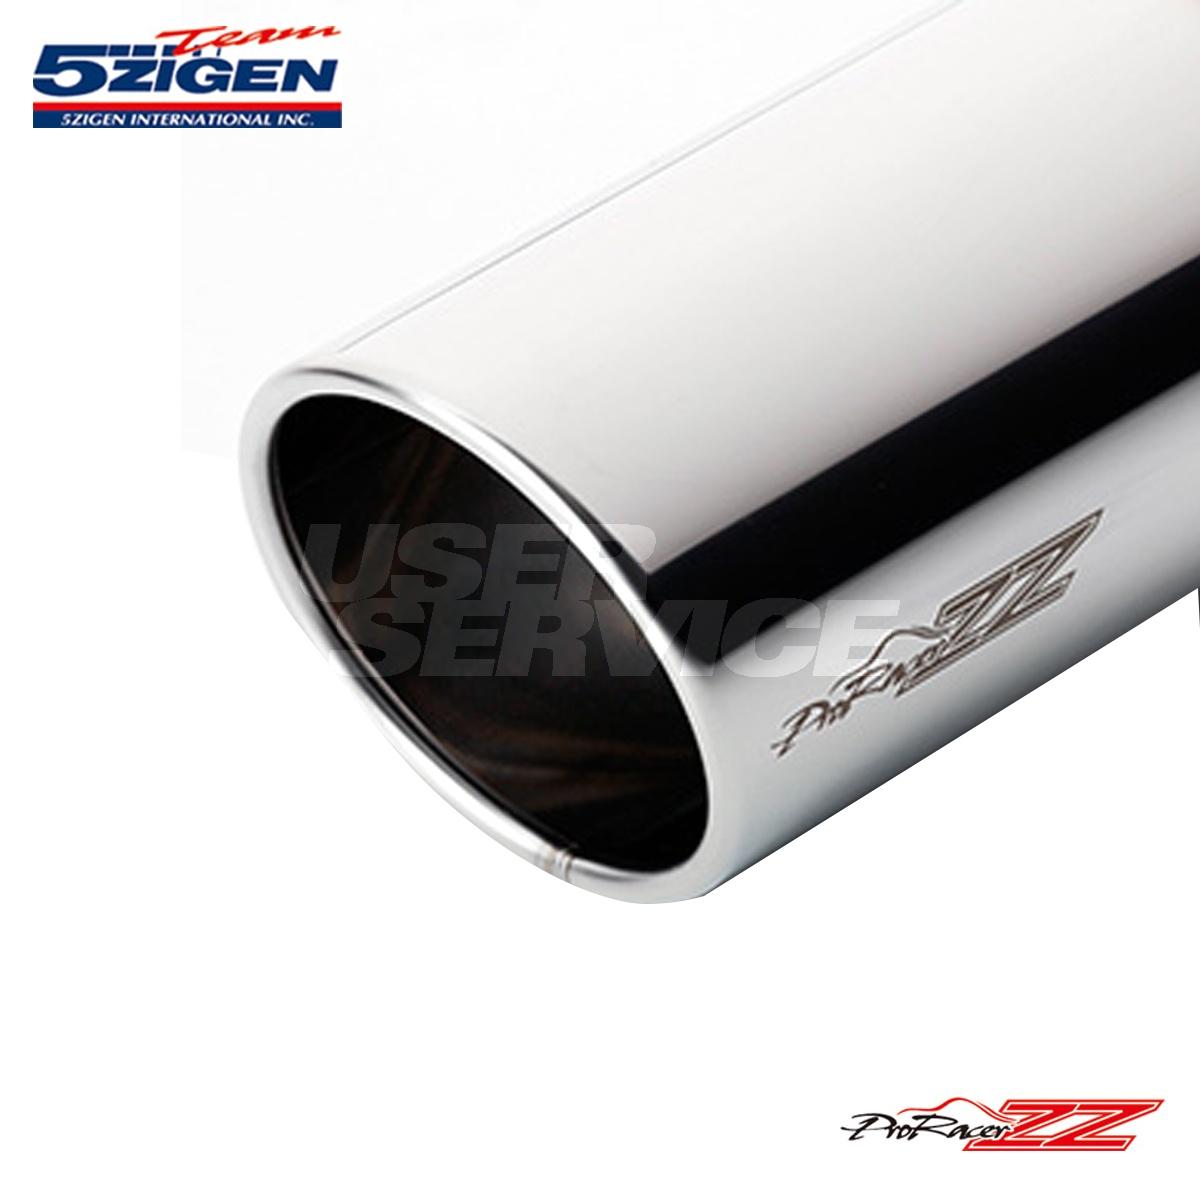 5次元 プロレーサーZZ スイフト DBA-ZC11S マフラー 品番:PZS-002 5ZIGEN